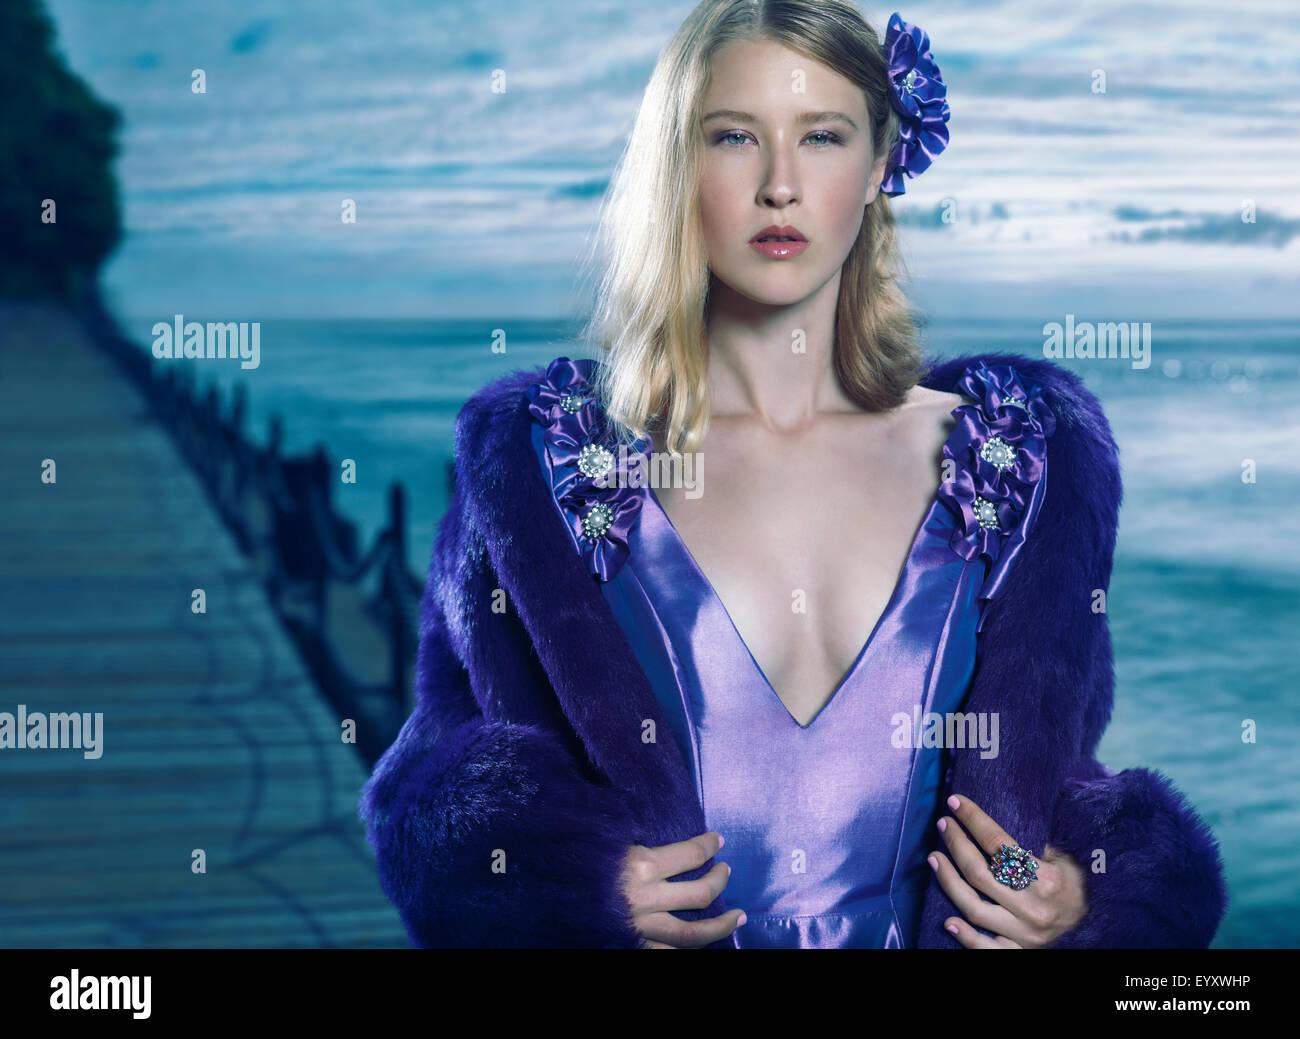 Schönheit-Porträt einer jungen schönen blonden Frau trägt einen blauen Abendkleid und eine Pelzjacke Stockbild